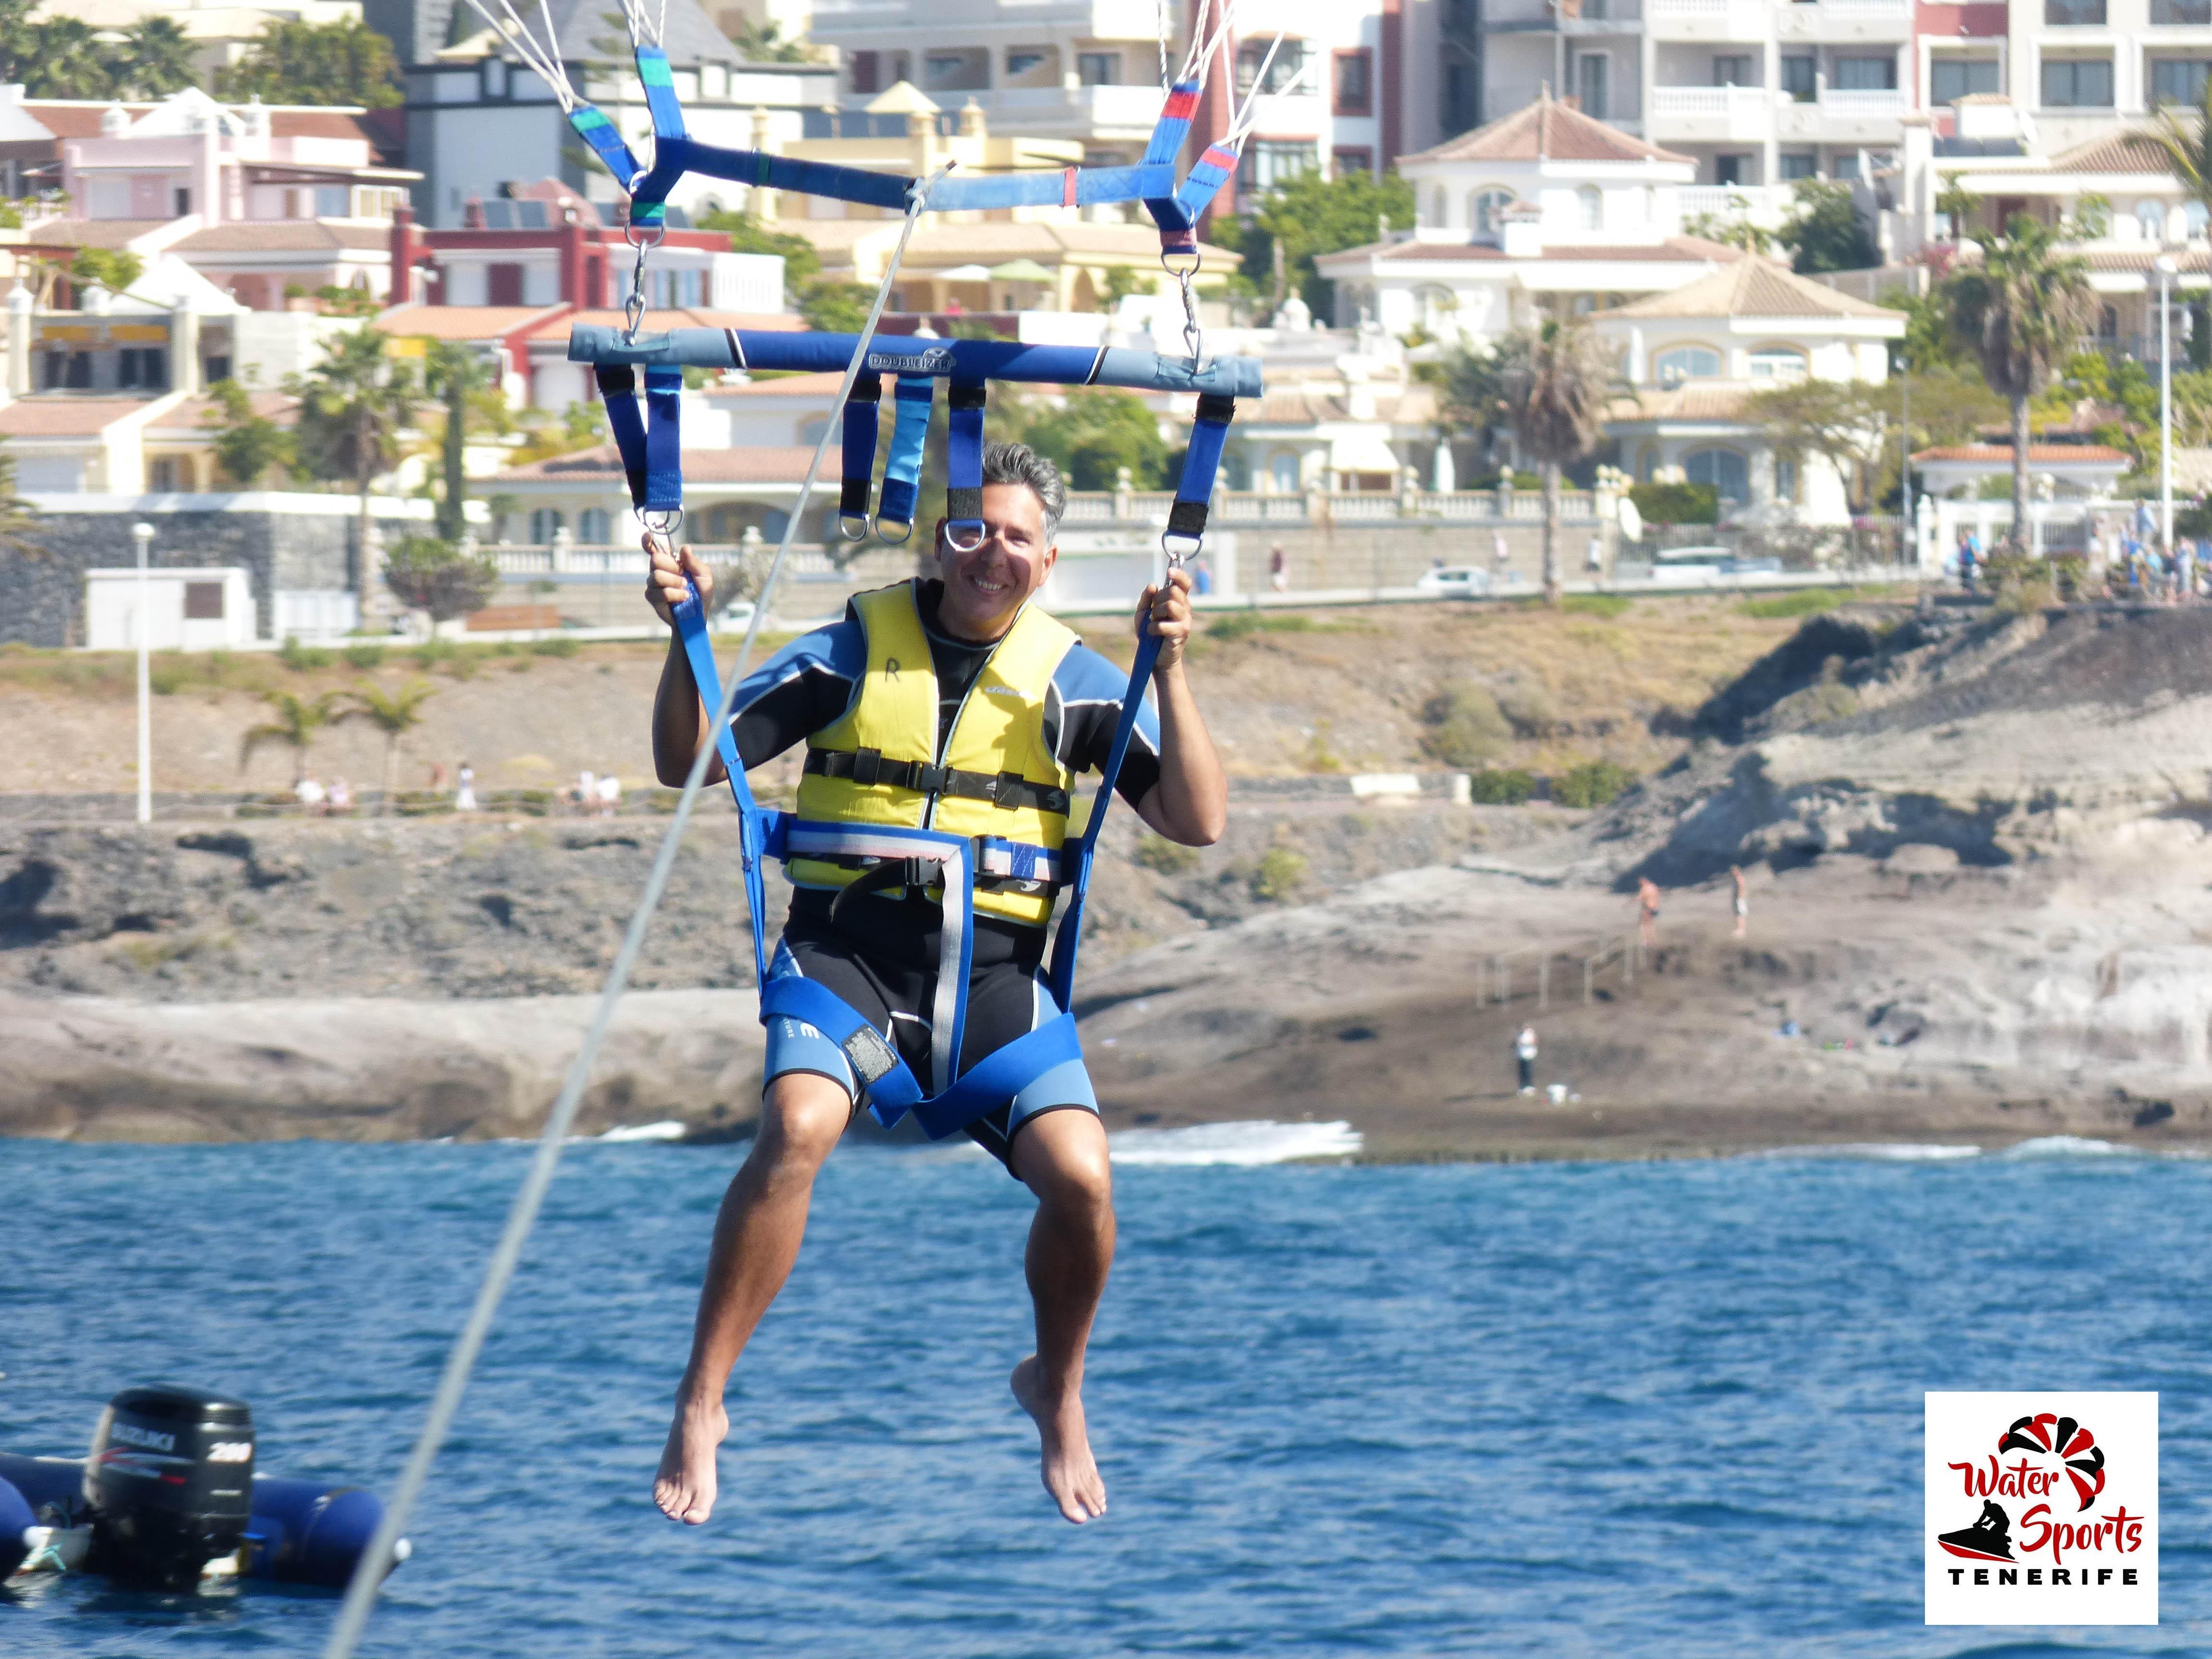 watersport paracaidismo las americas